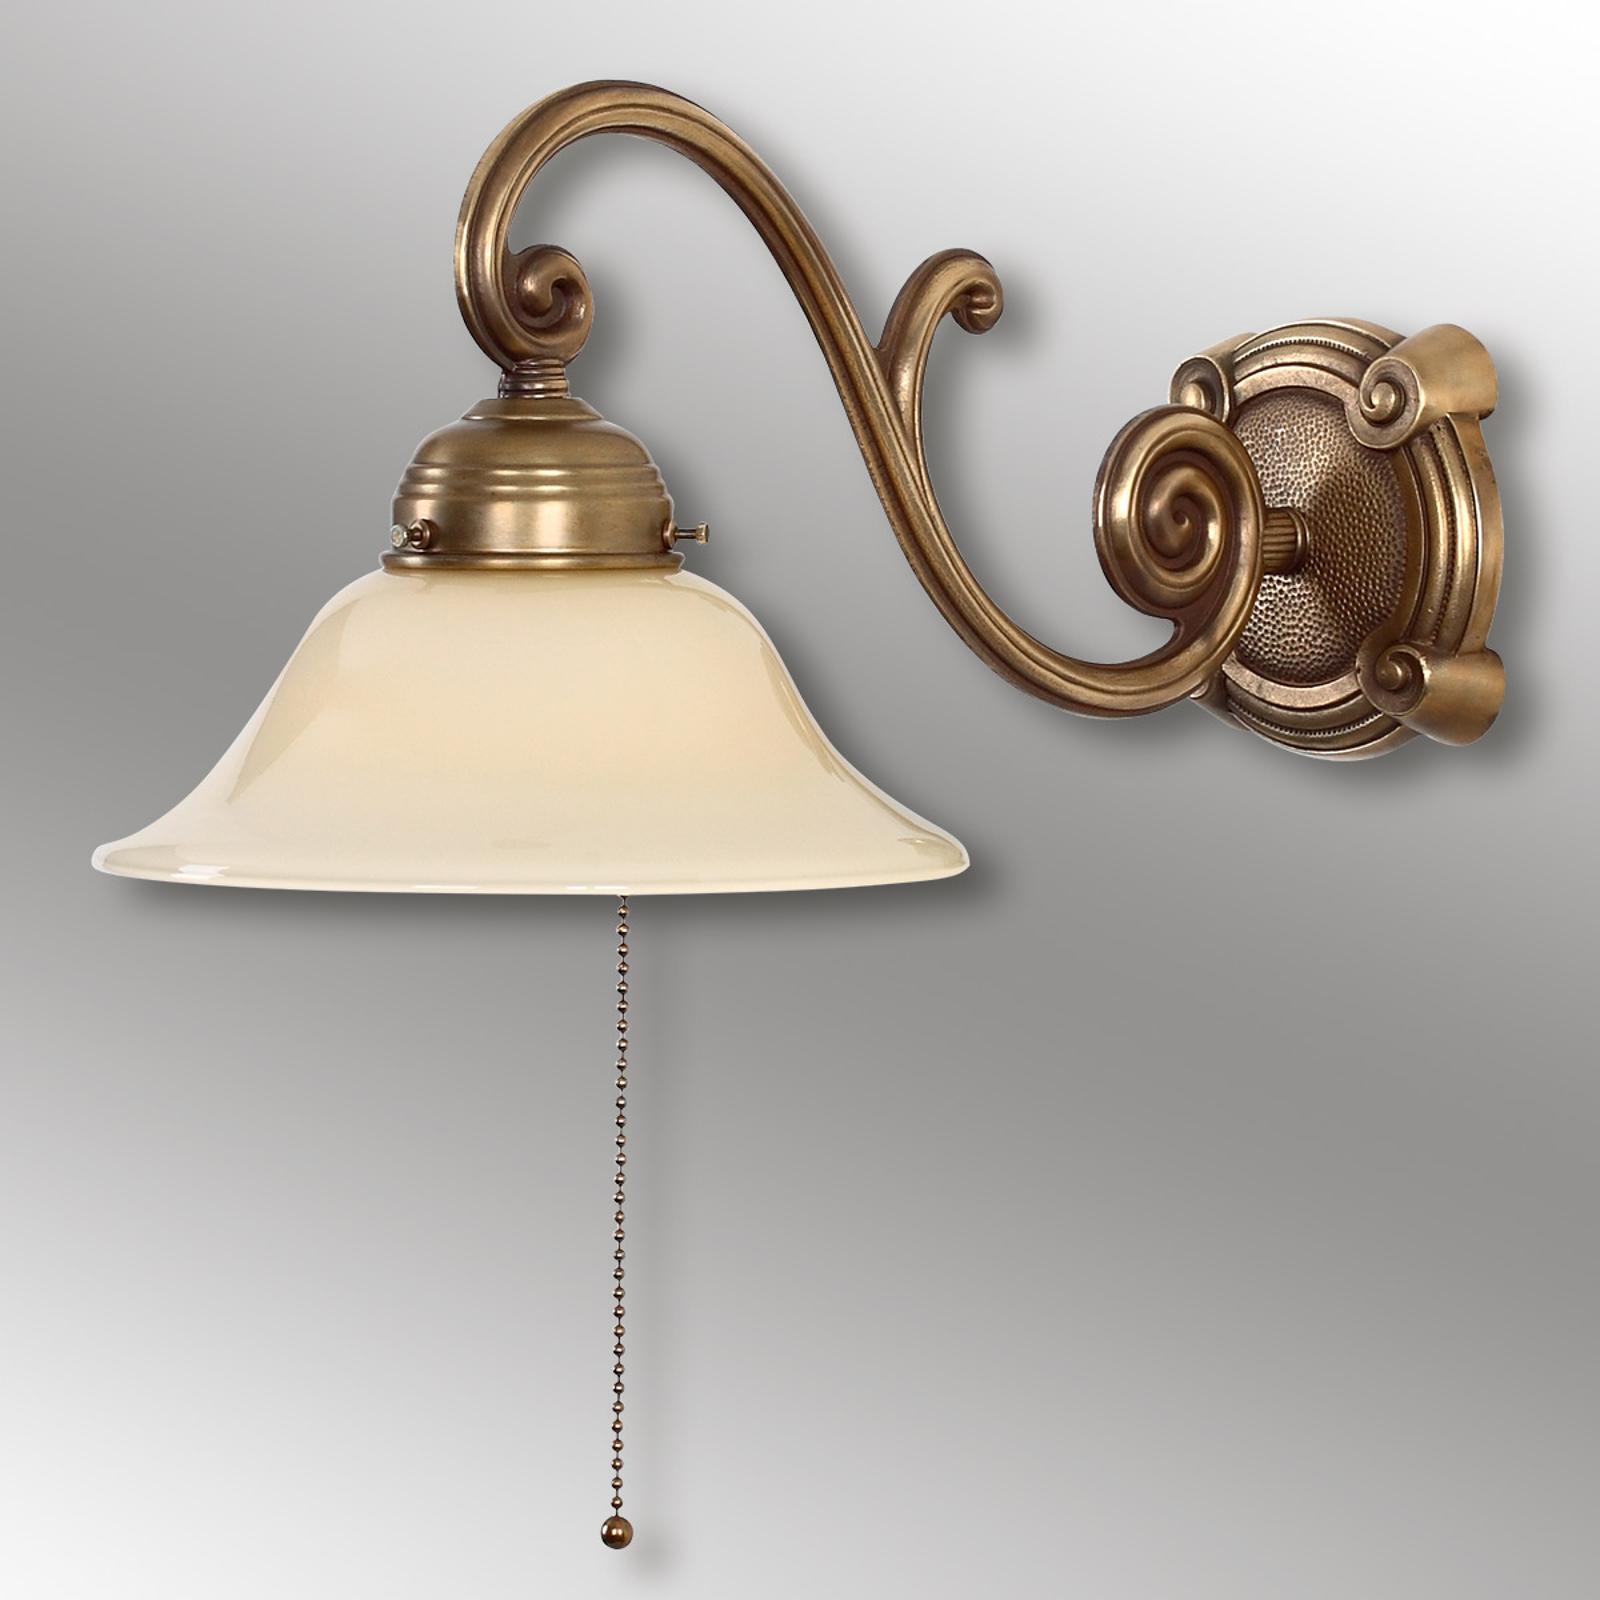 Lampa ścienna ELLA w starodawnym stylu, mosiądz